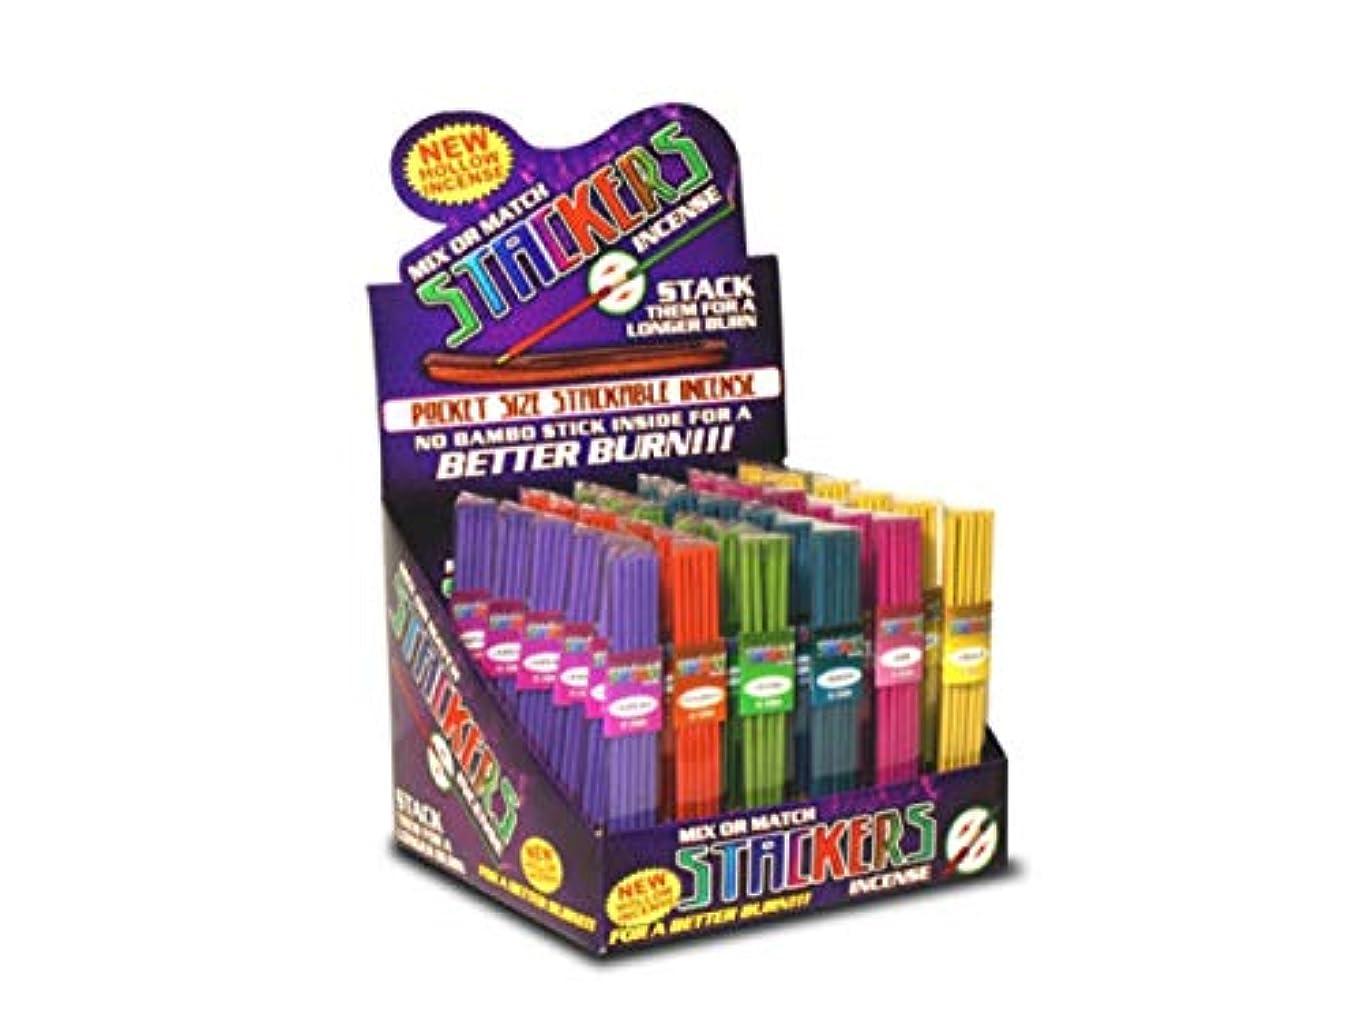 シャトル命題一元化するbulk buys Stackers Mix Or Match 多様なお香カウンタートップディスプレイ 36個セット